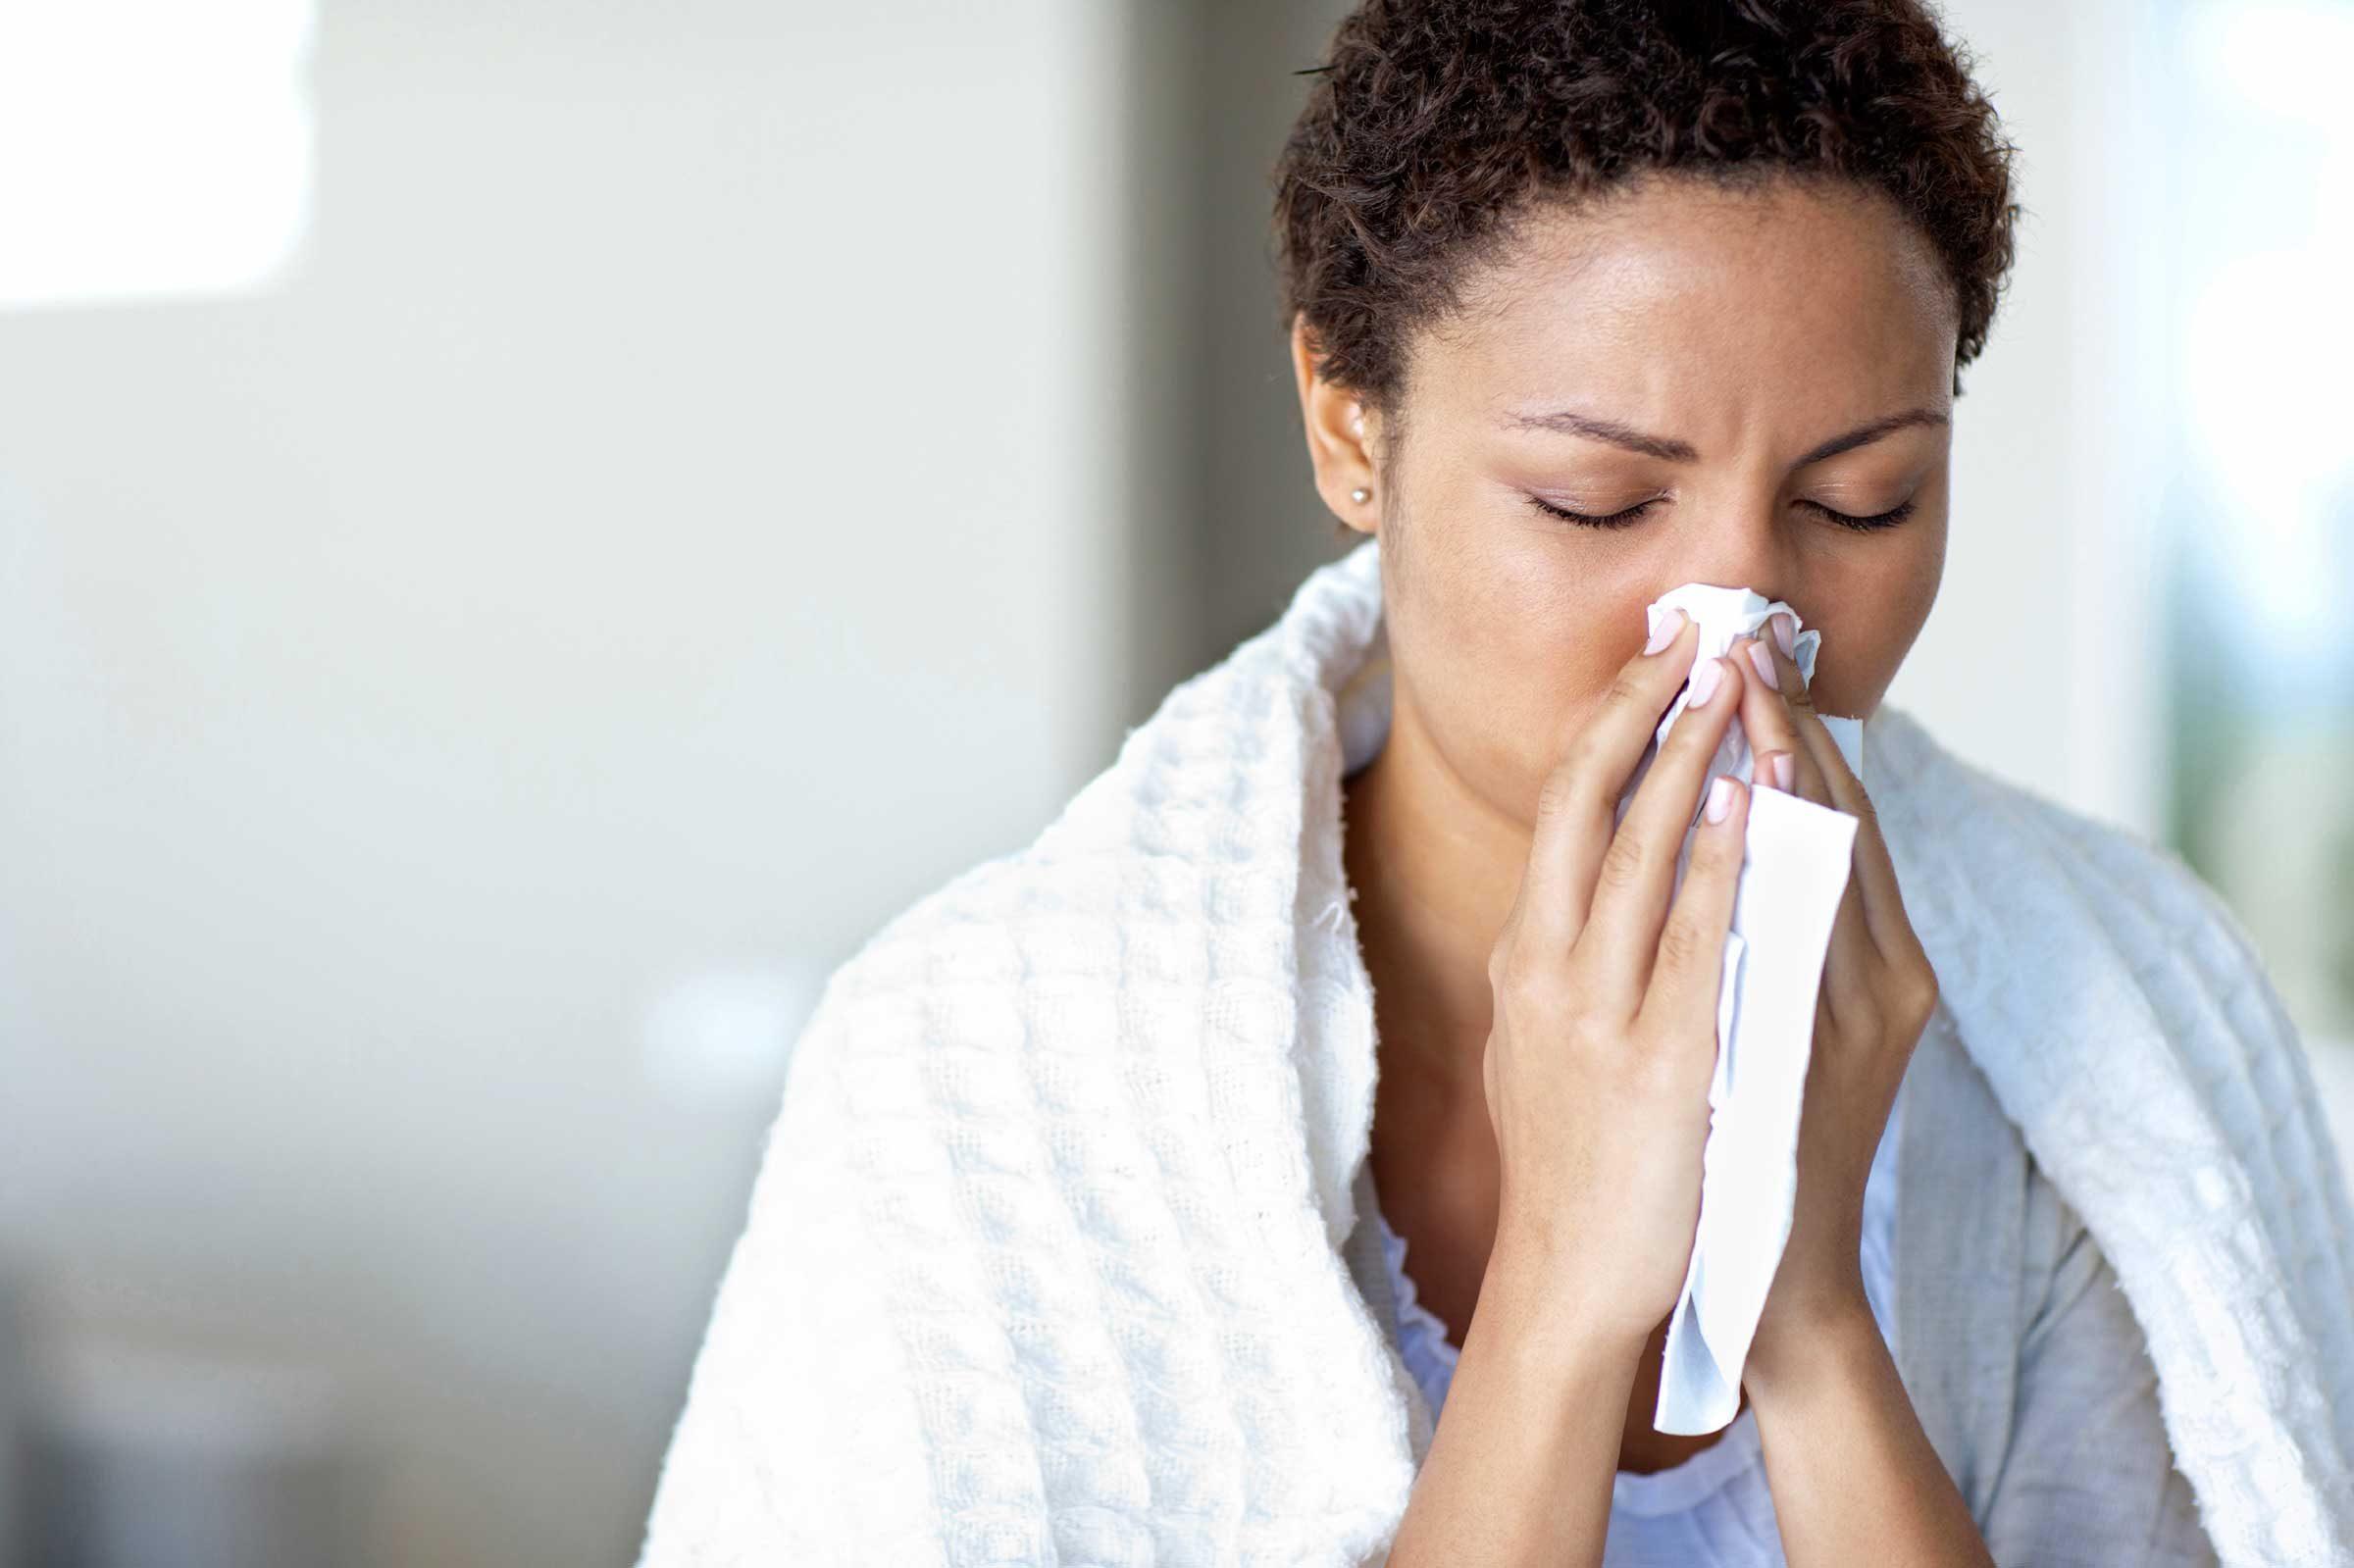 La congestion nasale peut être signe de reflux gastro-oesophagien.